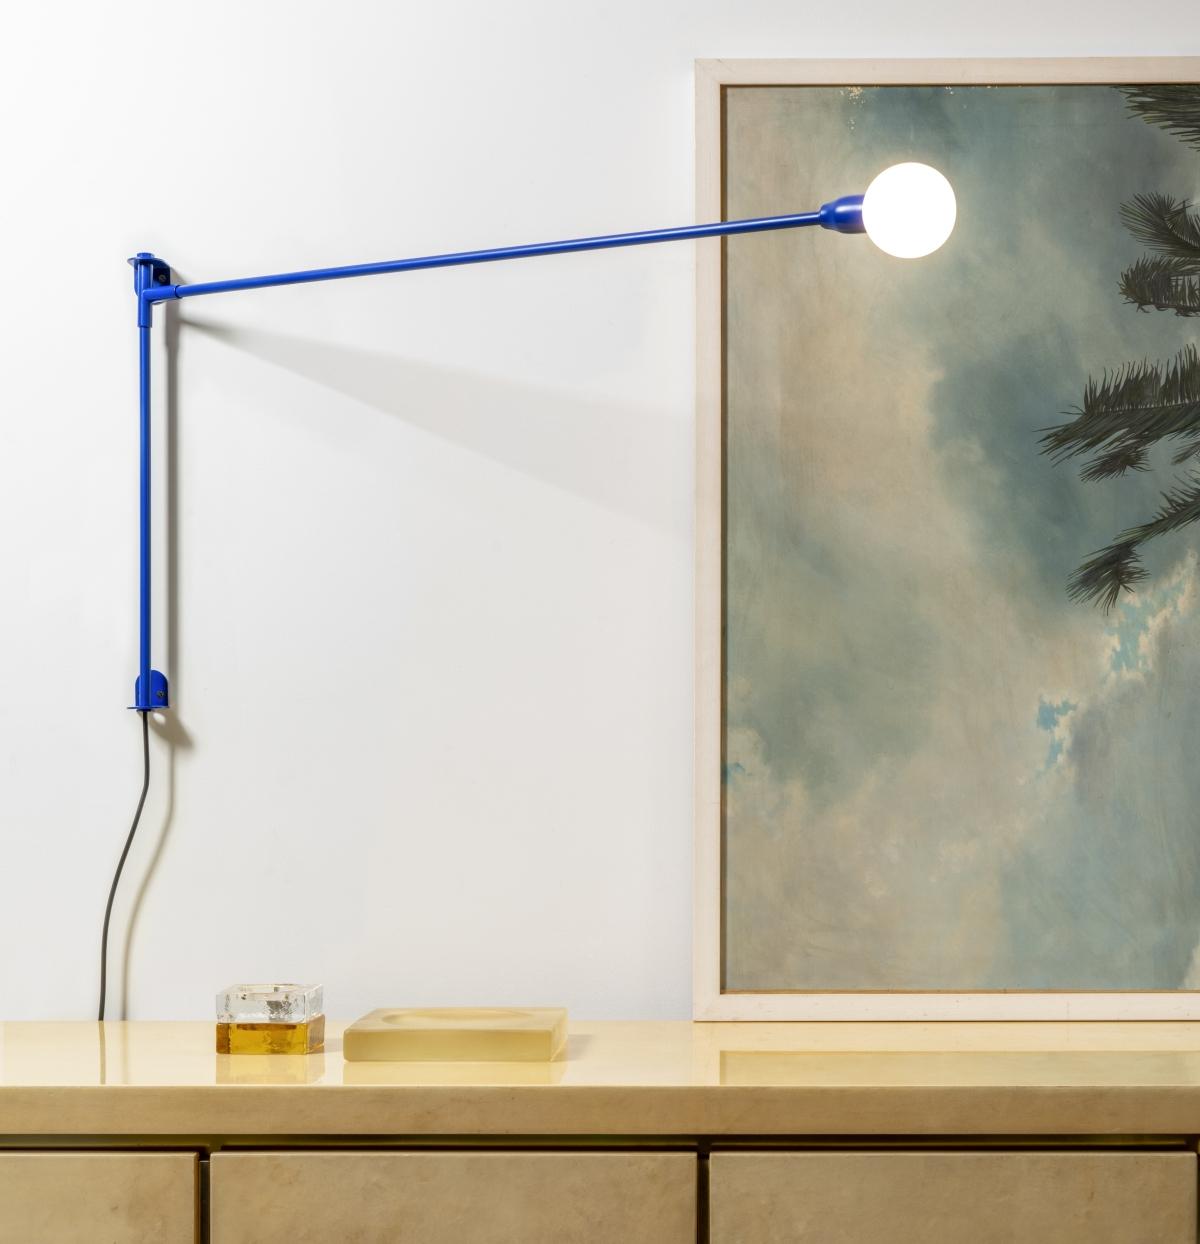 Potence Pivotante by Nemo, Design Charlotte Perriand